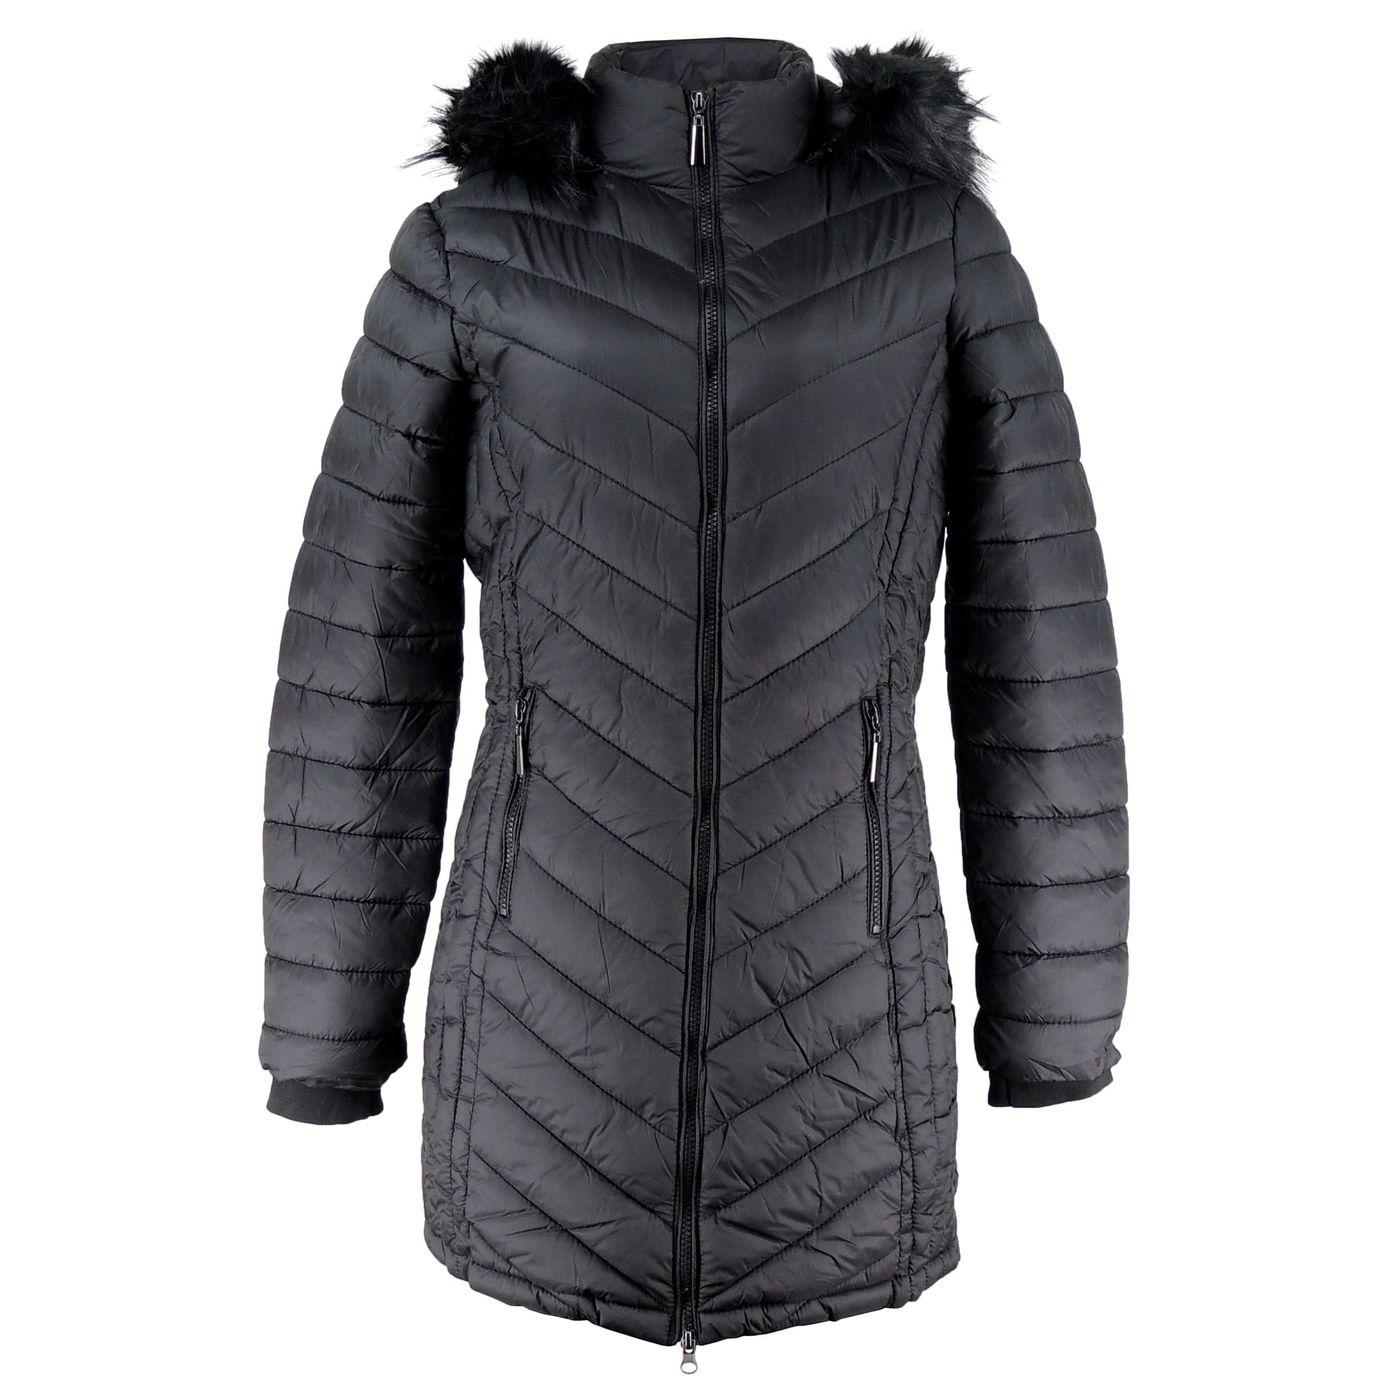 2bcc0de7c Casaco Longo feminino com capuz removível para o frio intenso - fieroshop